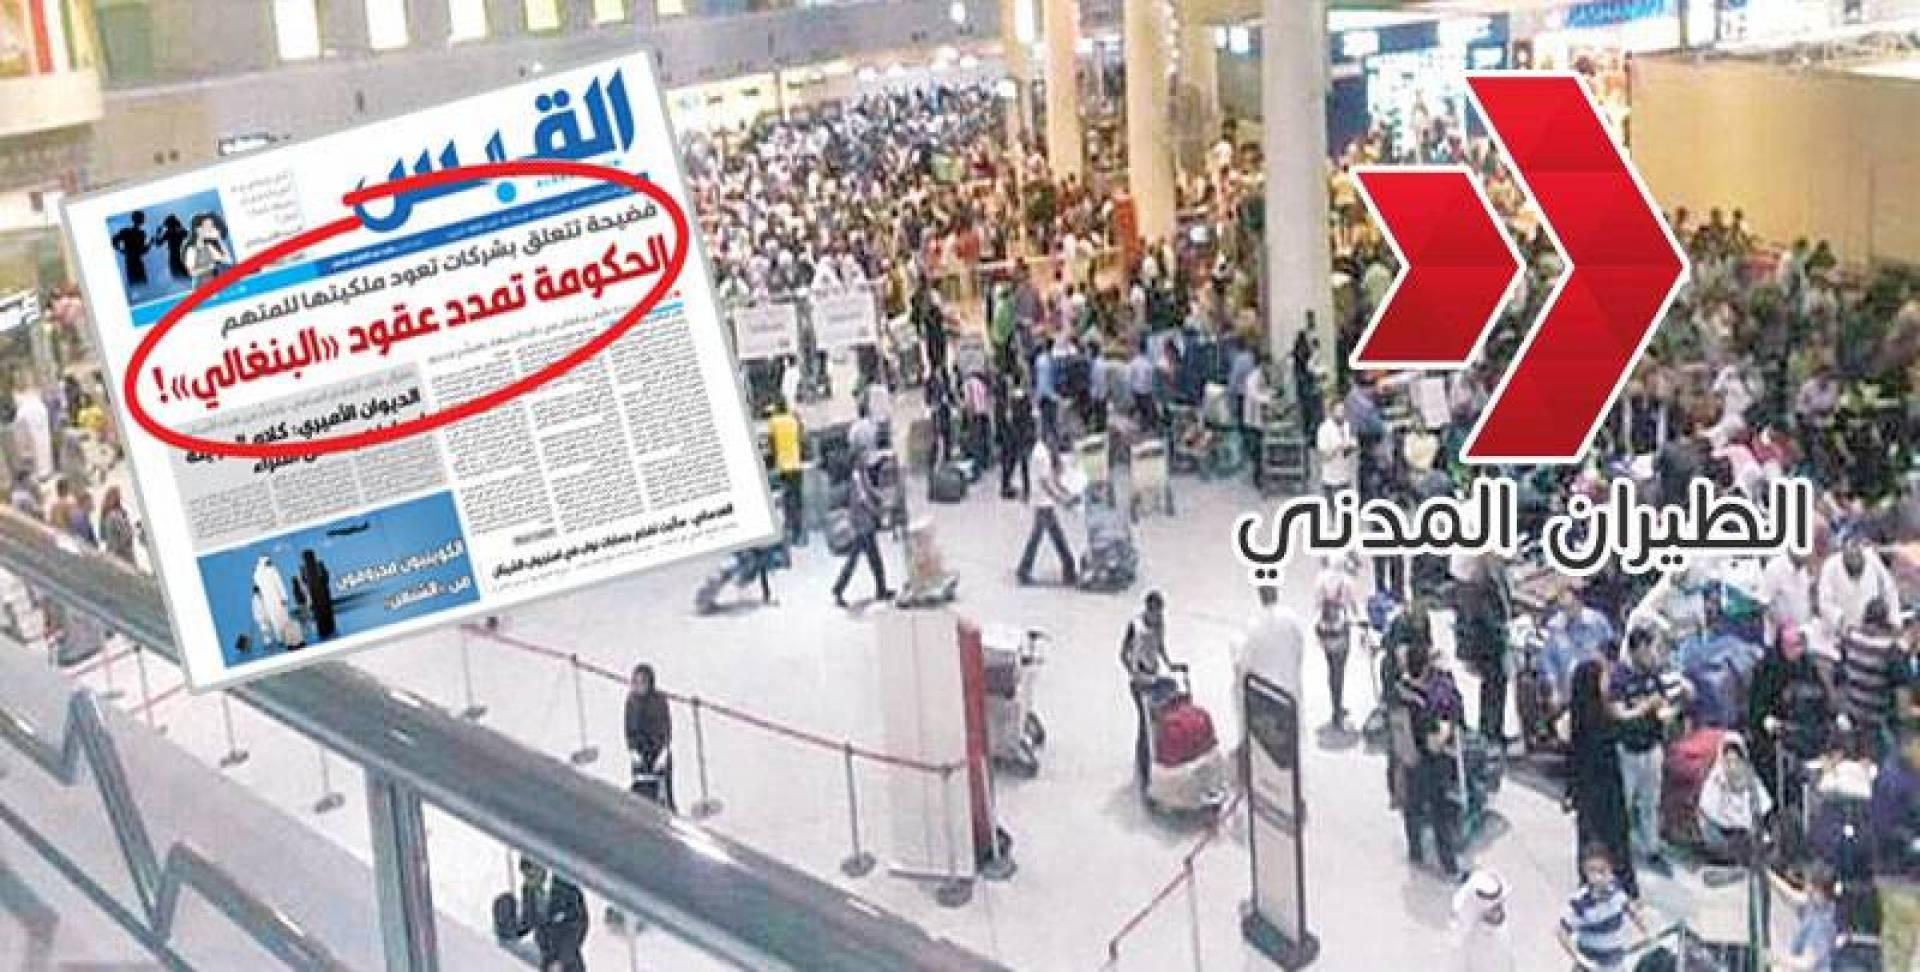 «الطيران المدني»: جددنا التعاقد مع شركات «البنغالي» وجارٍ استبدالها